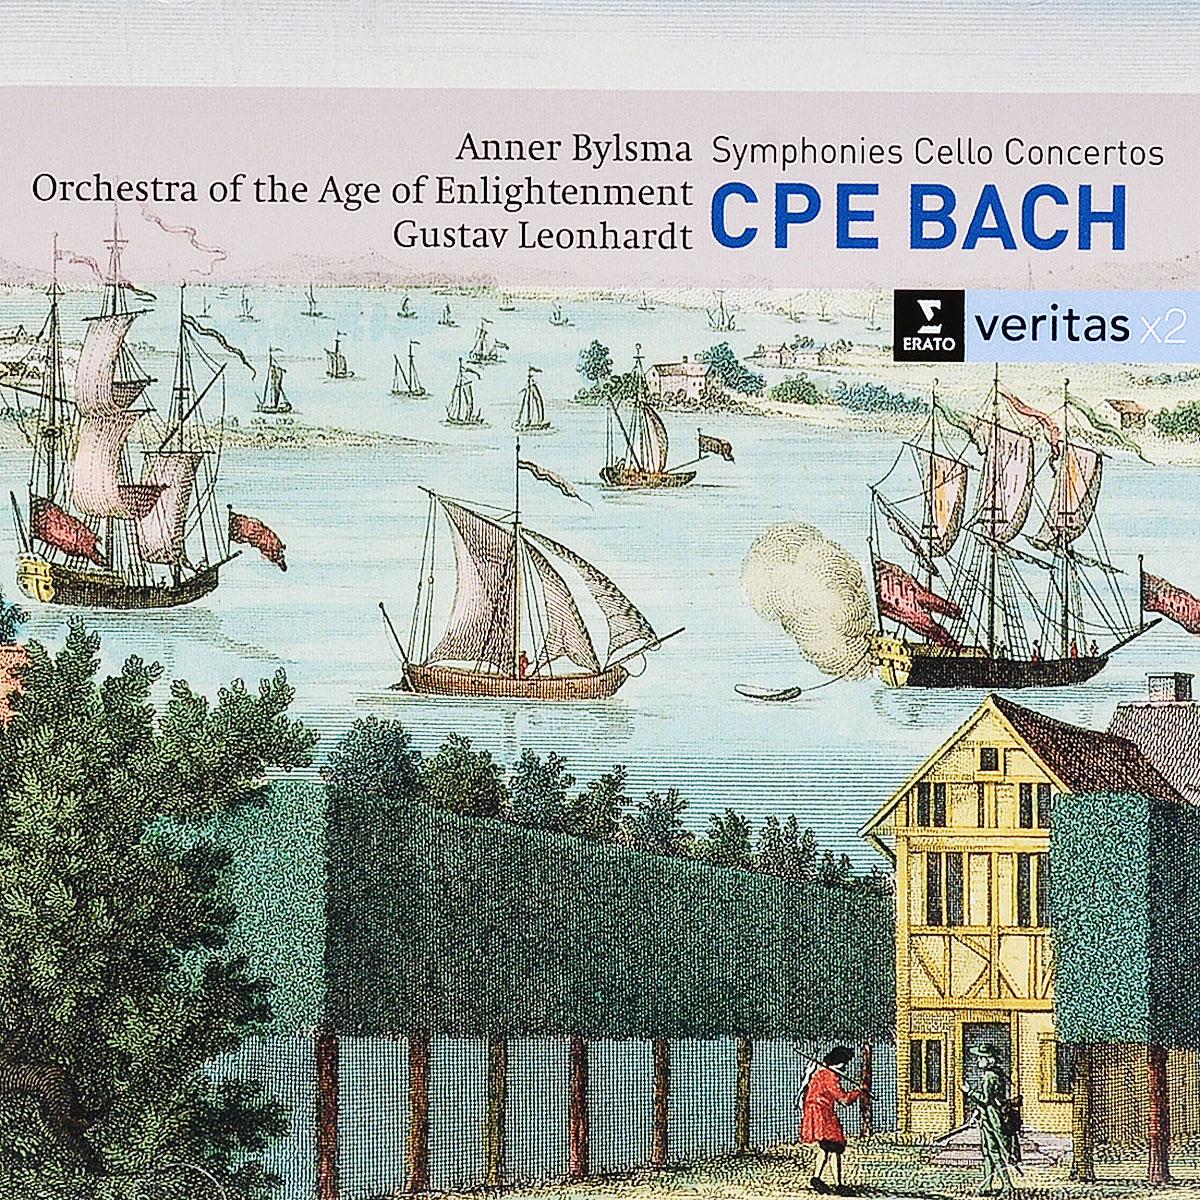 лучшая цена CPE Bach. Symphonies, Cello Concertos (2 CD)